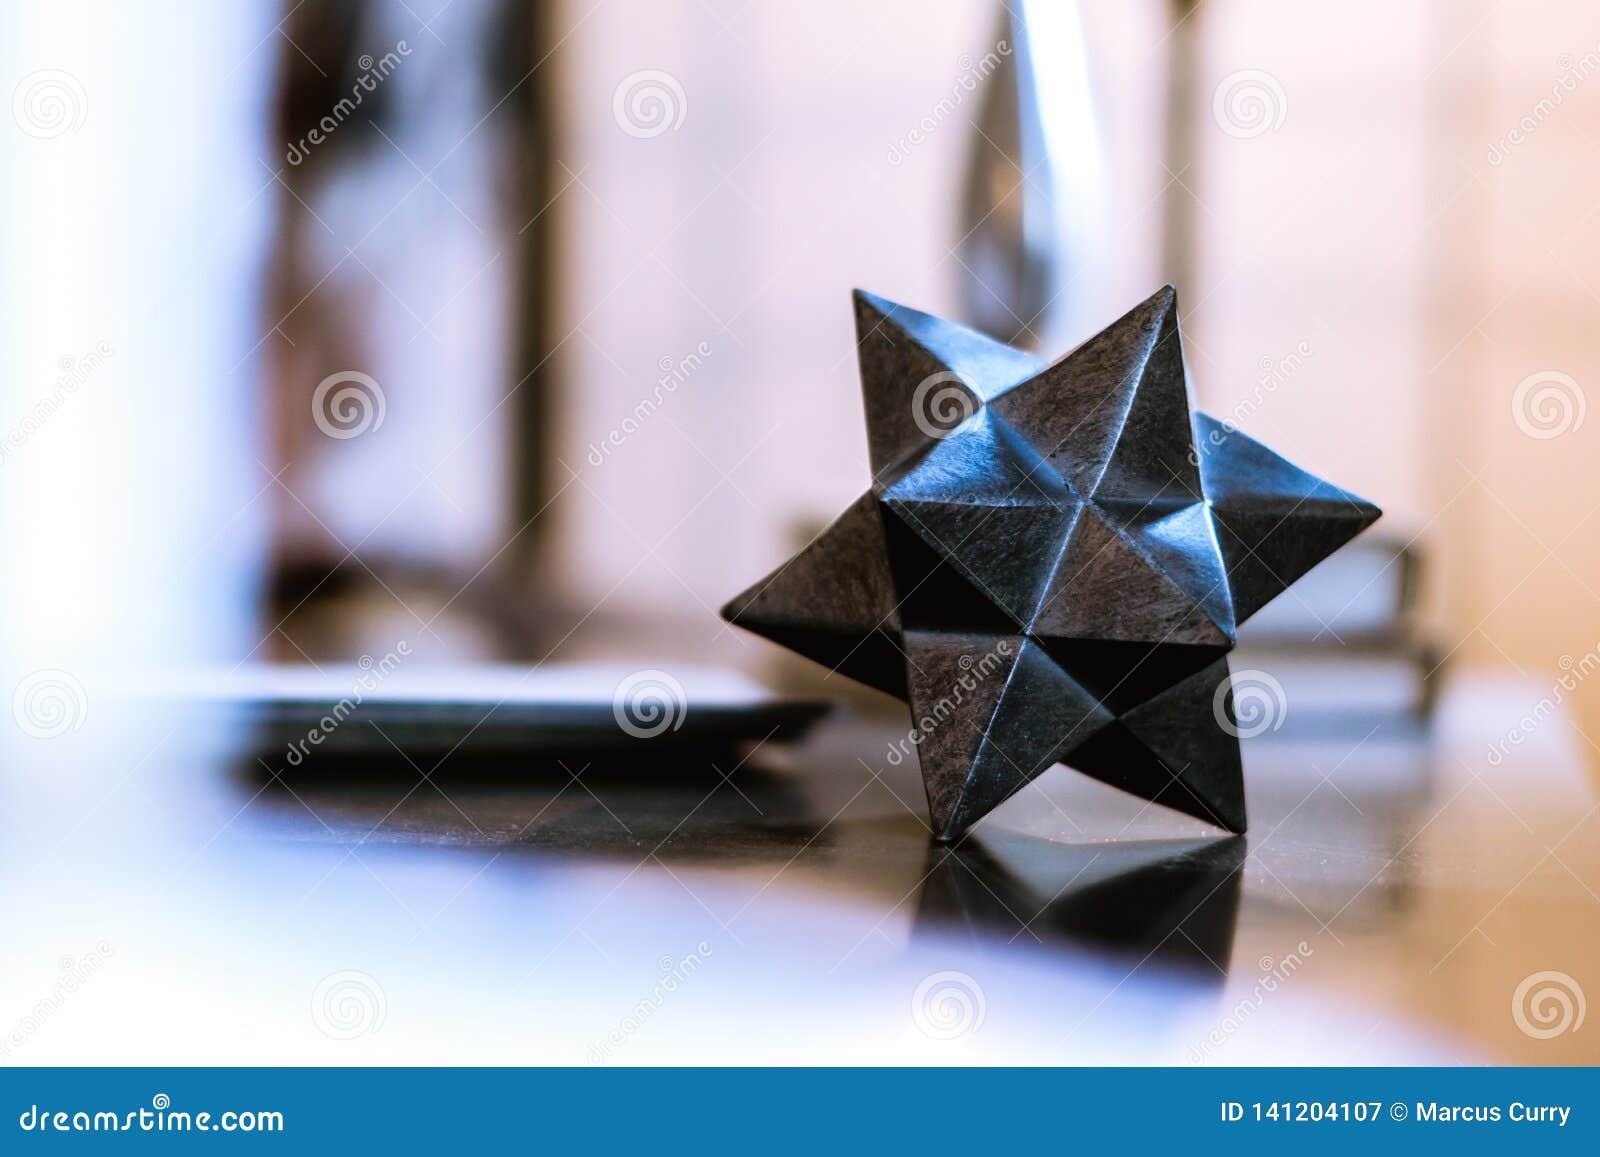 Objet géométrique abstrait aléatoire